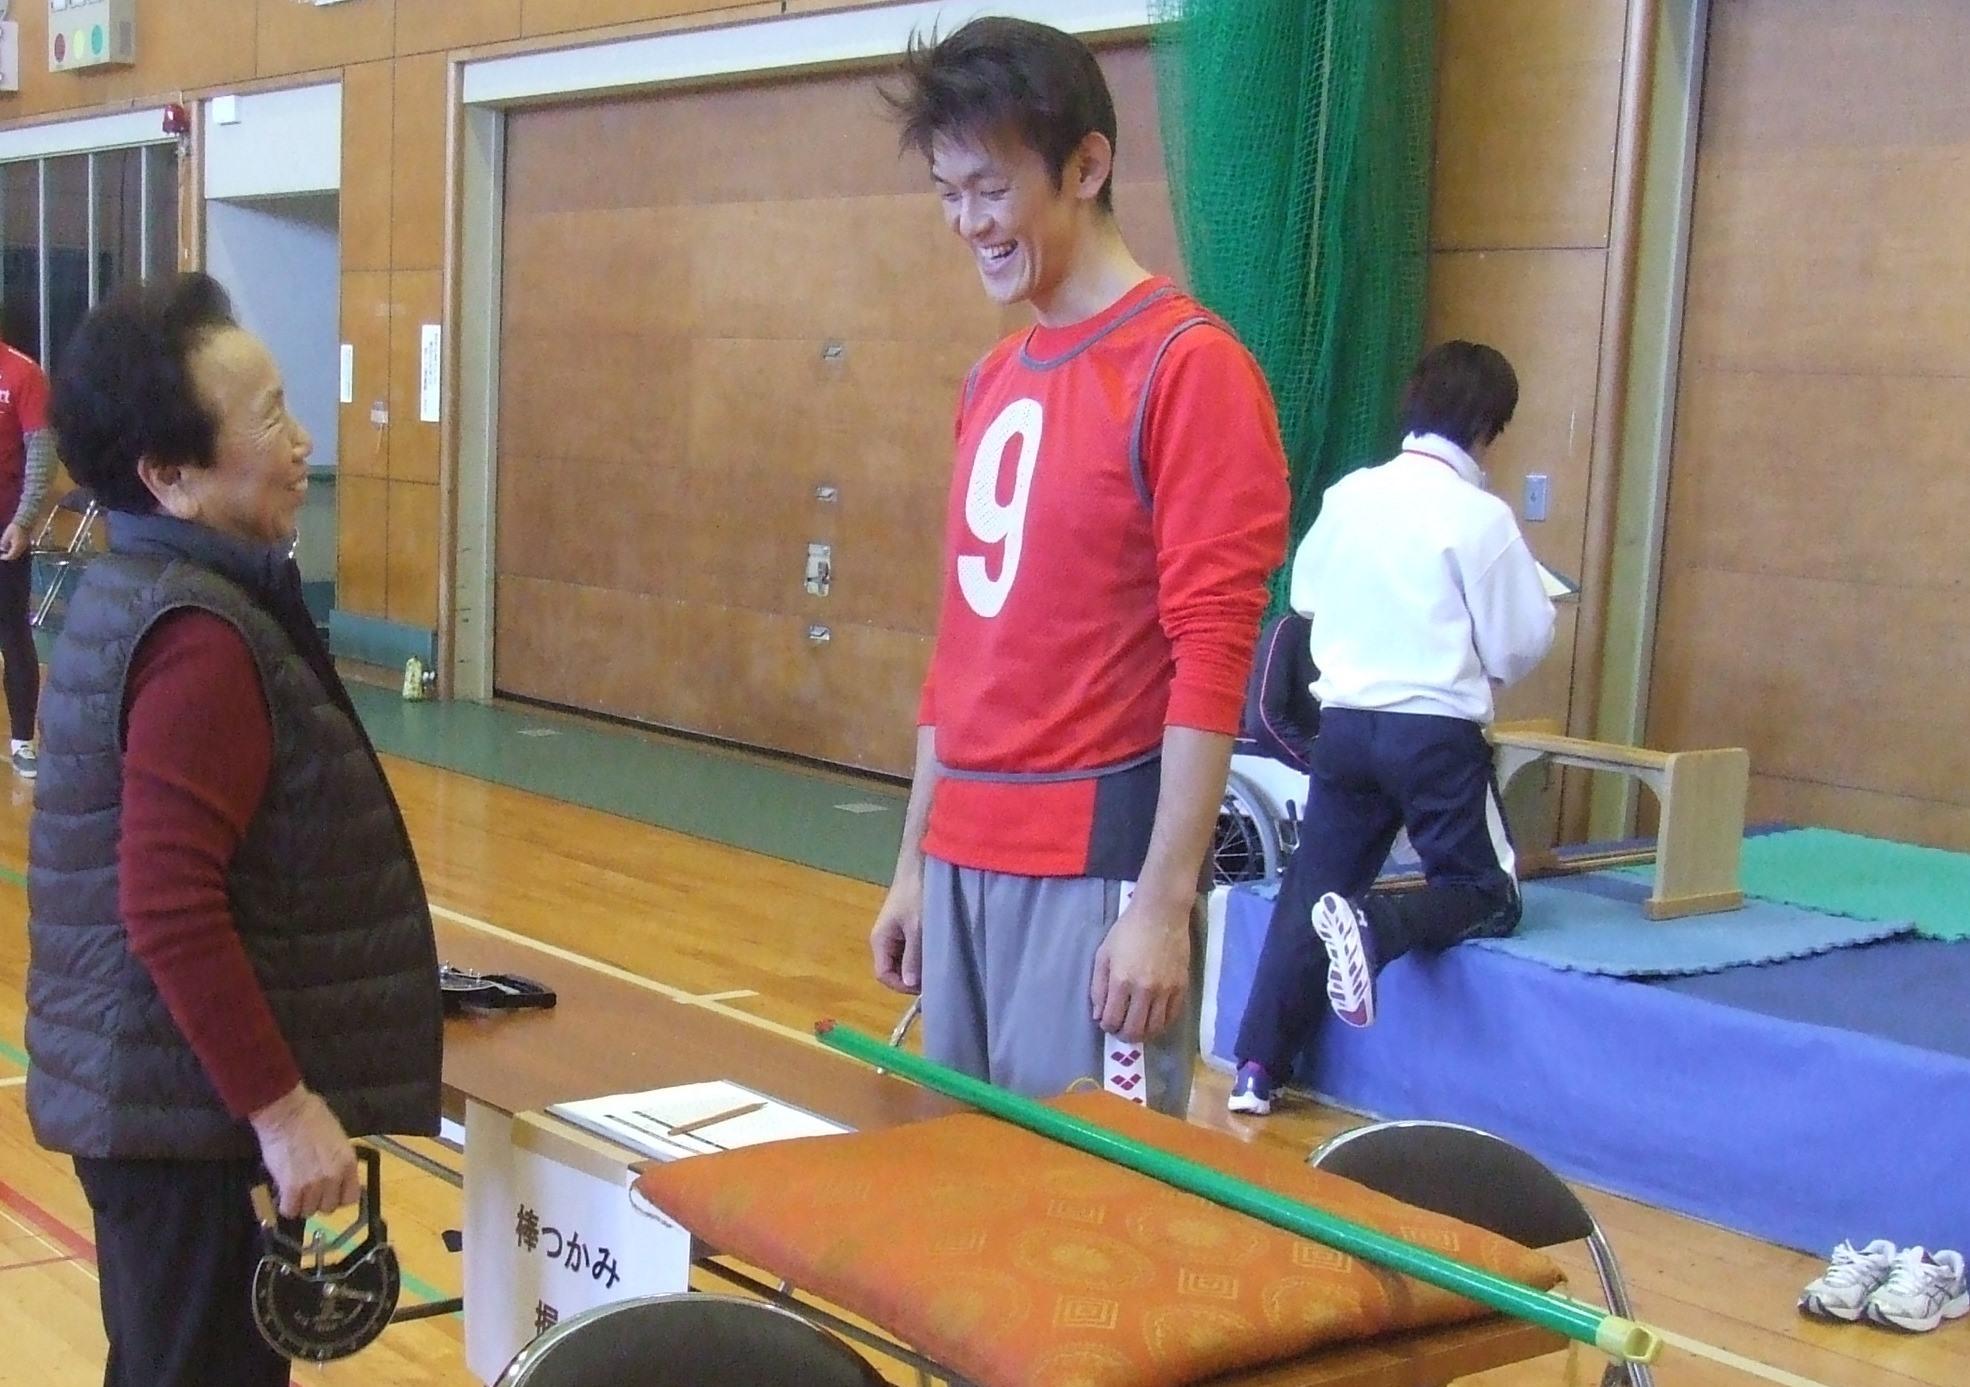 sokutei 1 - 健康運動指導士・介護予防運動指導員による体力測定